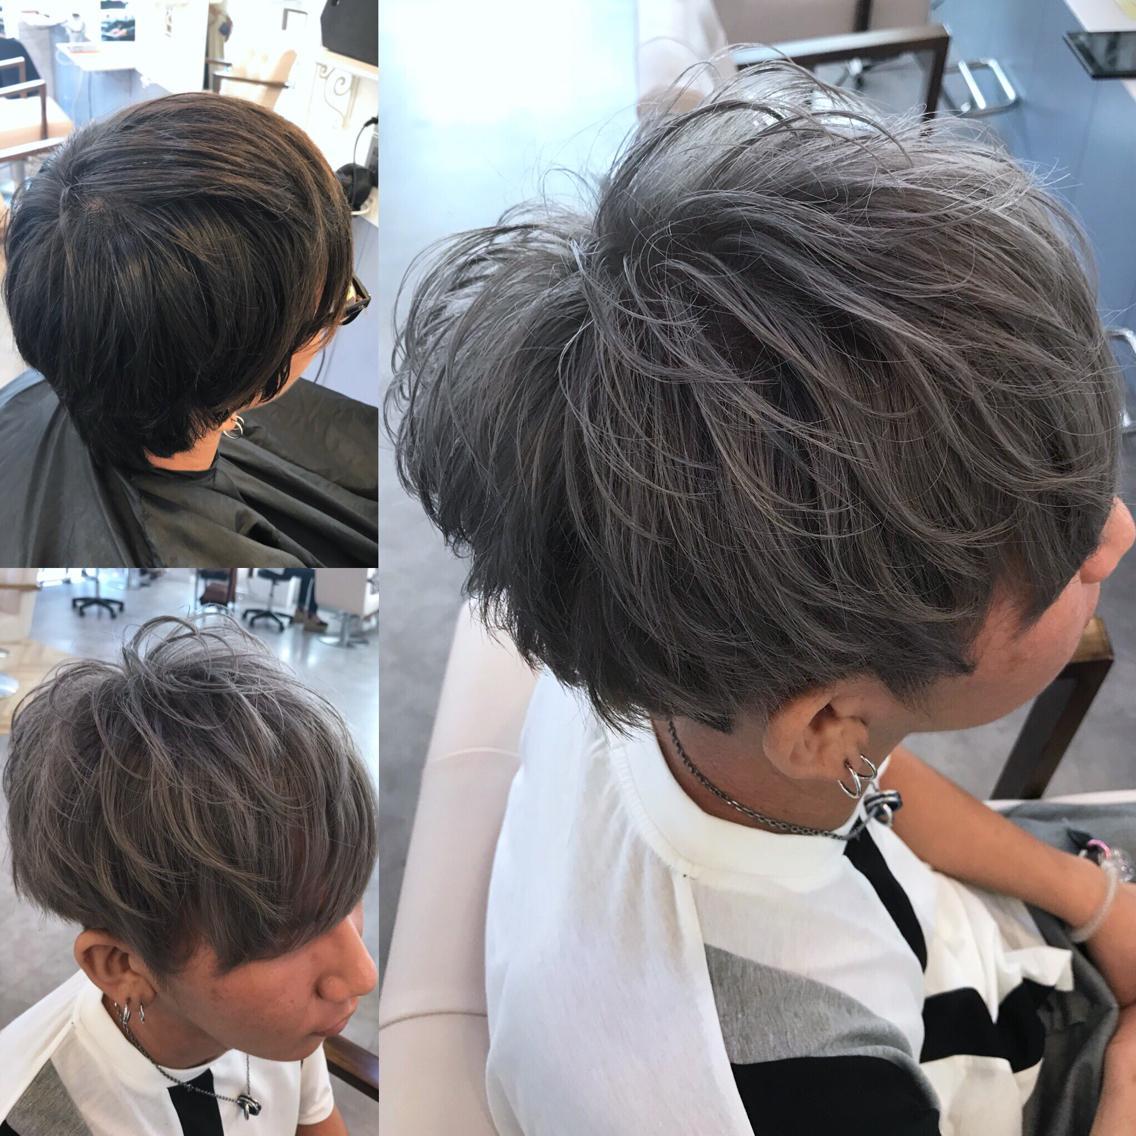 #ショート #カラー #メンズ 伸びきった刈り上げ部分を刈り上げて 全体をスタイリングしやすくカット✂︎ ブリーチ+アディクシーでハイグレージュに🌟